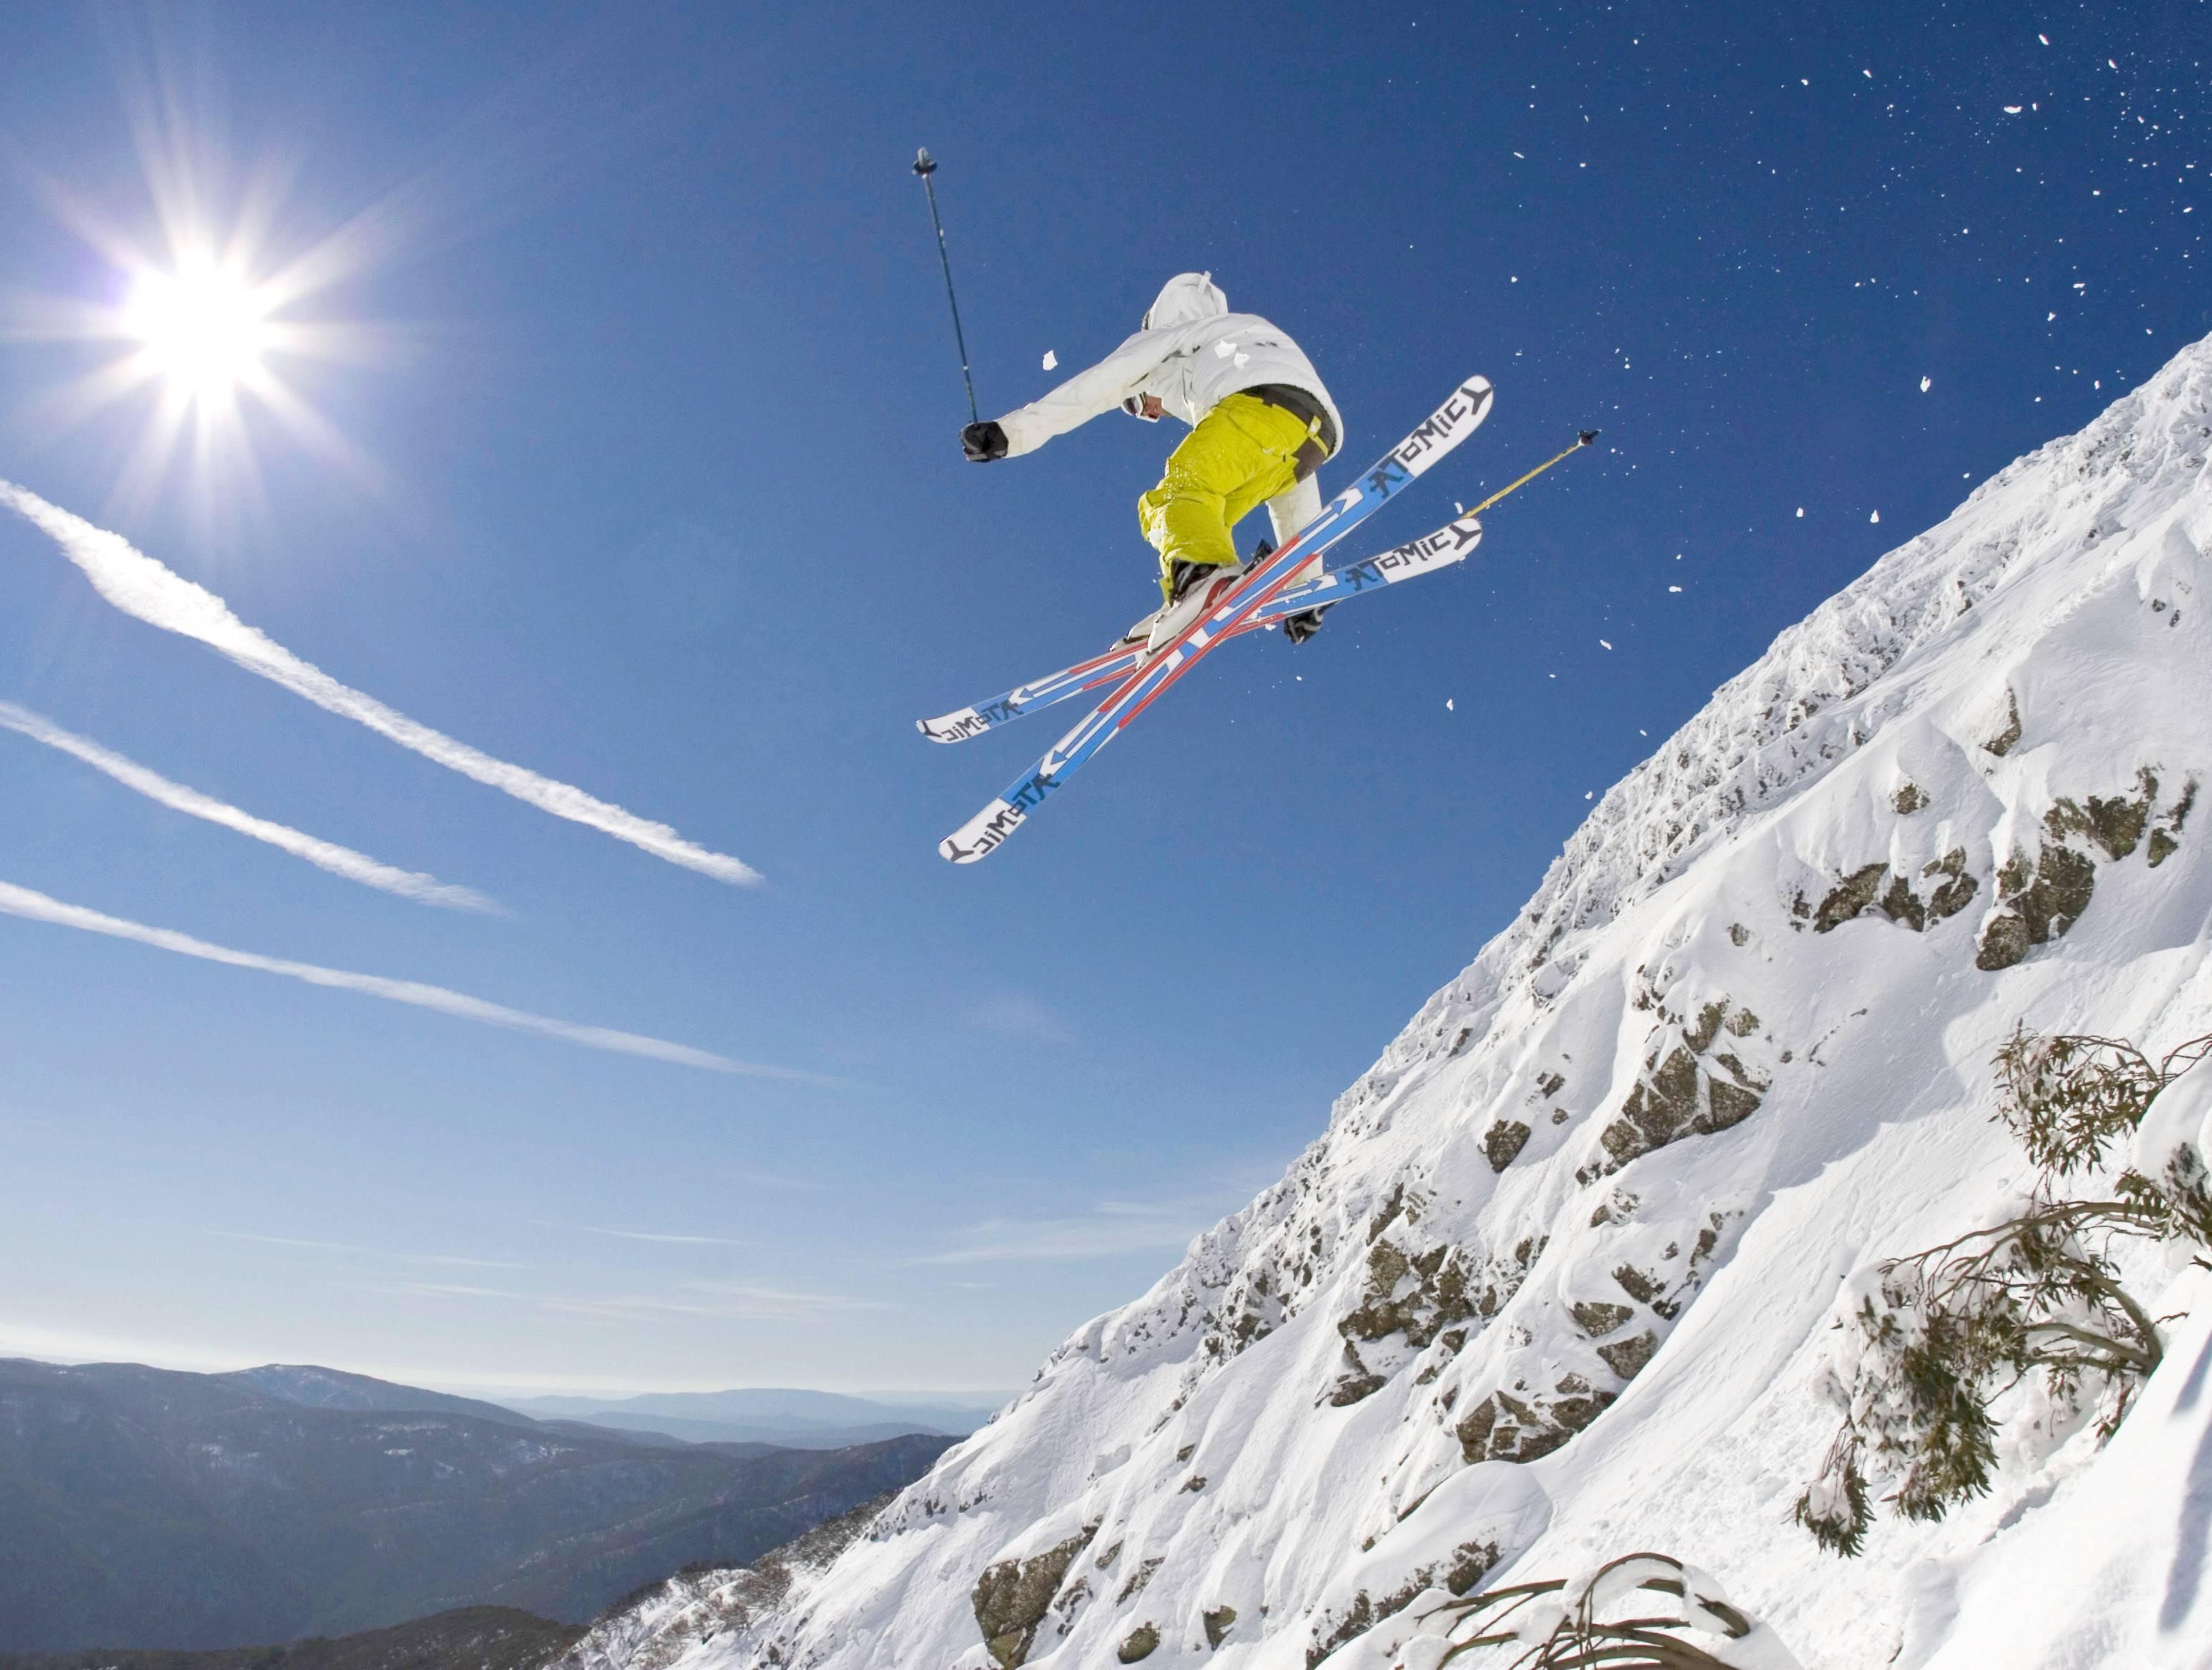 【墨尔本】Mt Buller滑雪初体验(全包)一日游 ☞滑雪课程+滑雪用具+滑雪服+初阶滑雪道